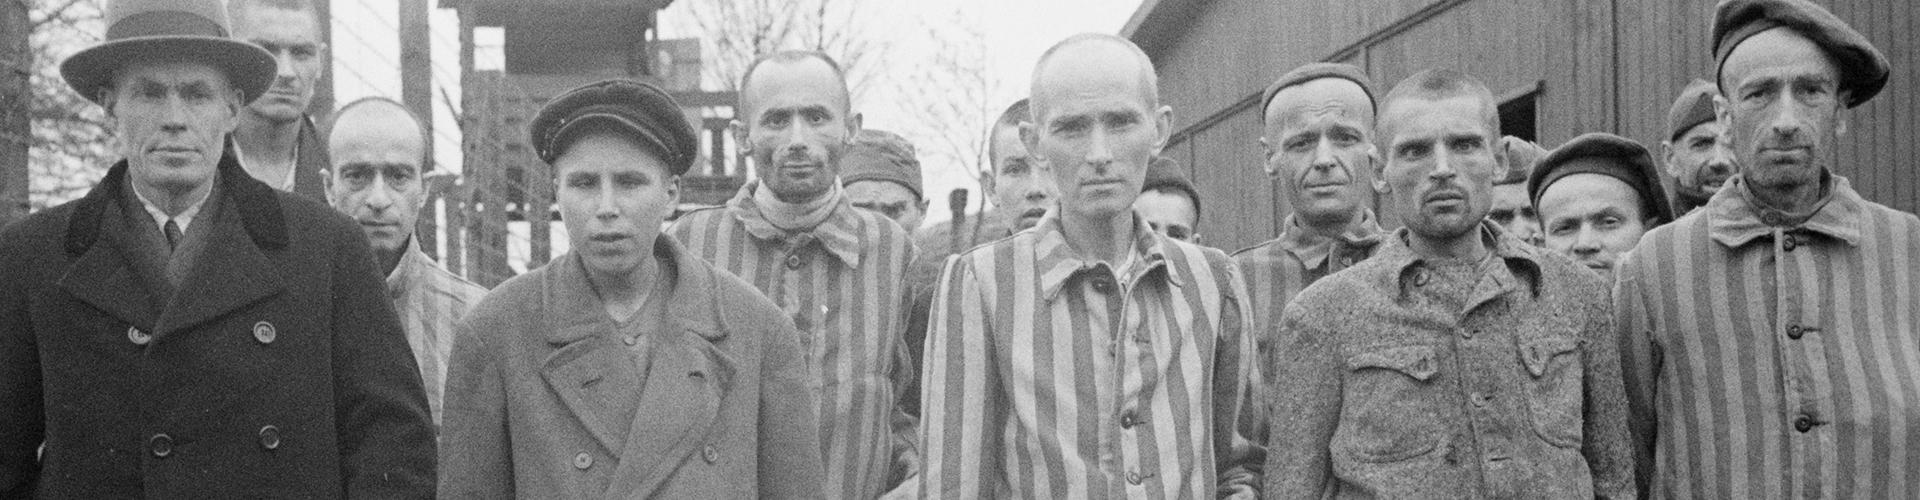 Bannière Concours national de la résistance et de la déportation